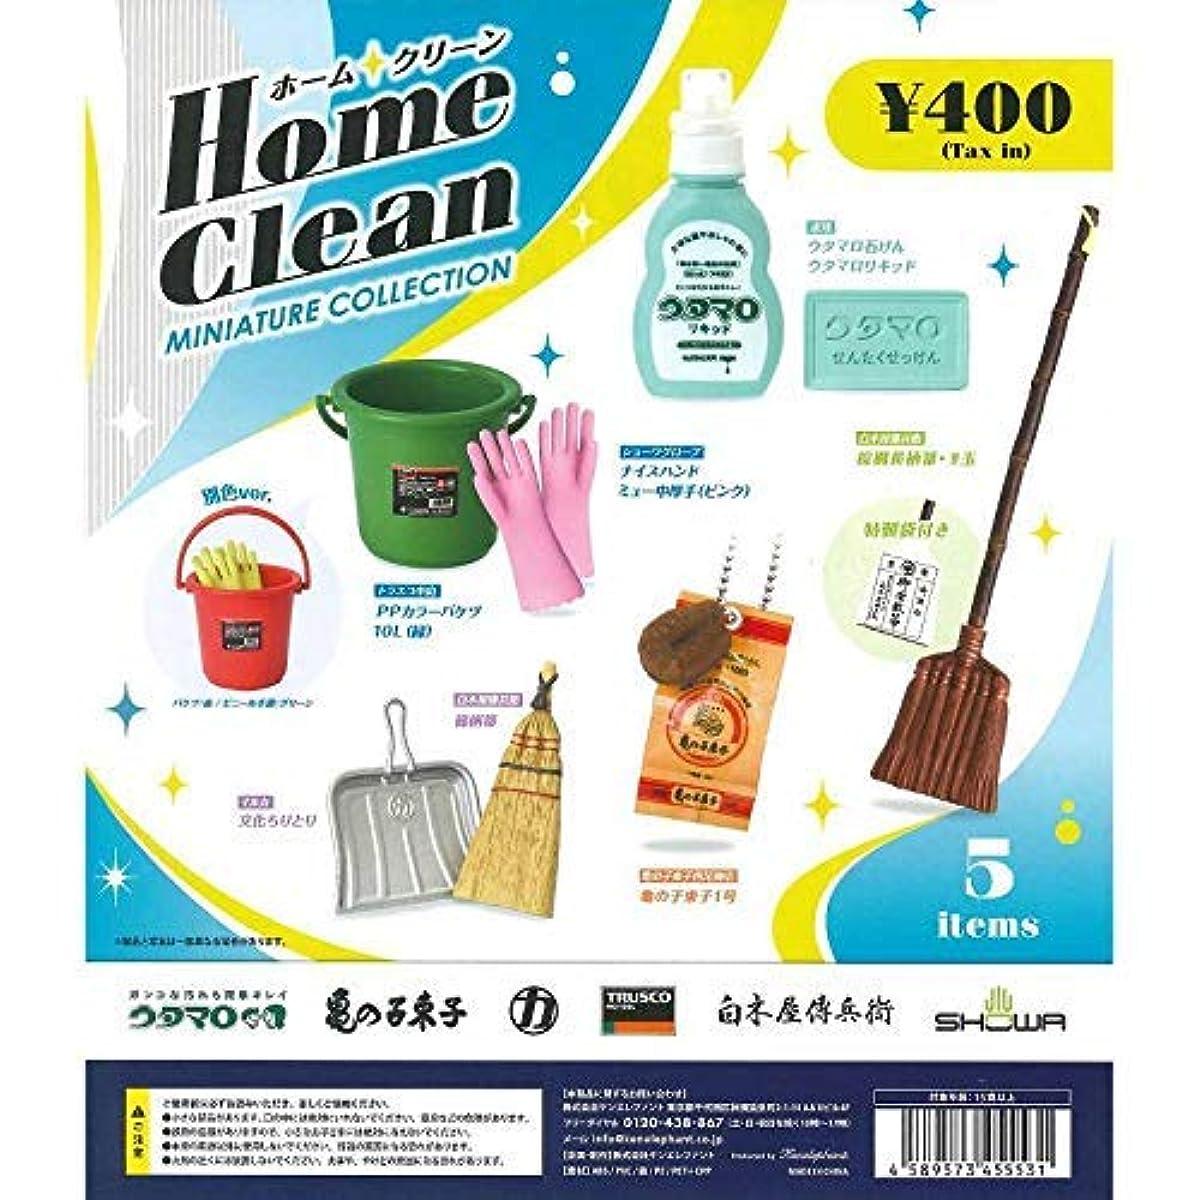 [해외] 홈 클린 미니어쳐 청소용품 6종 세트